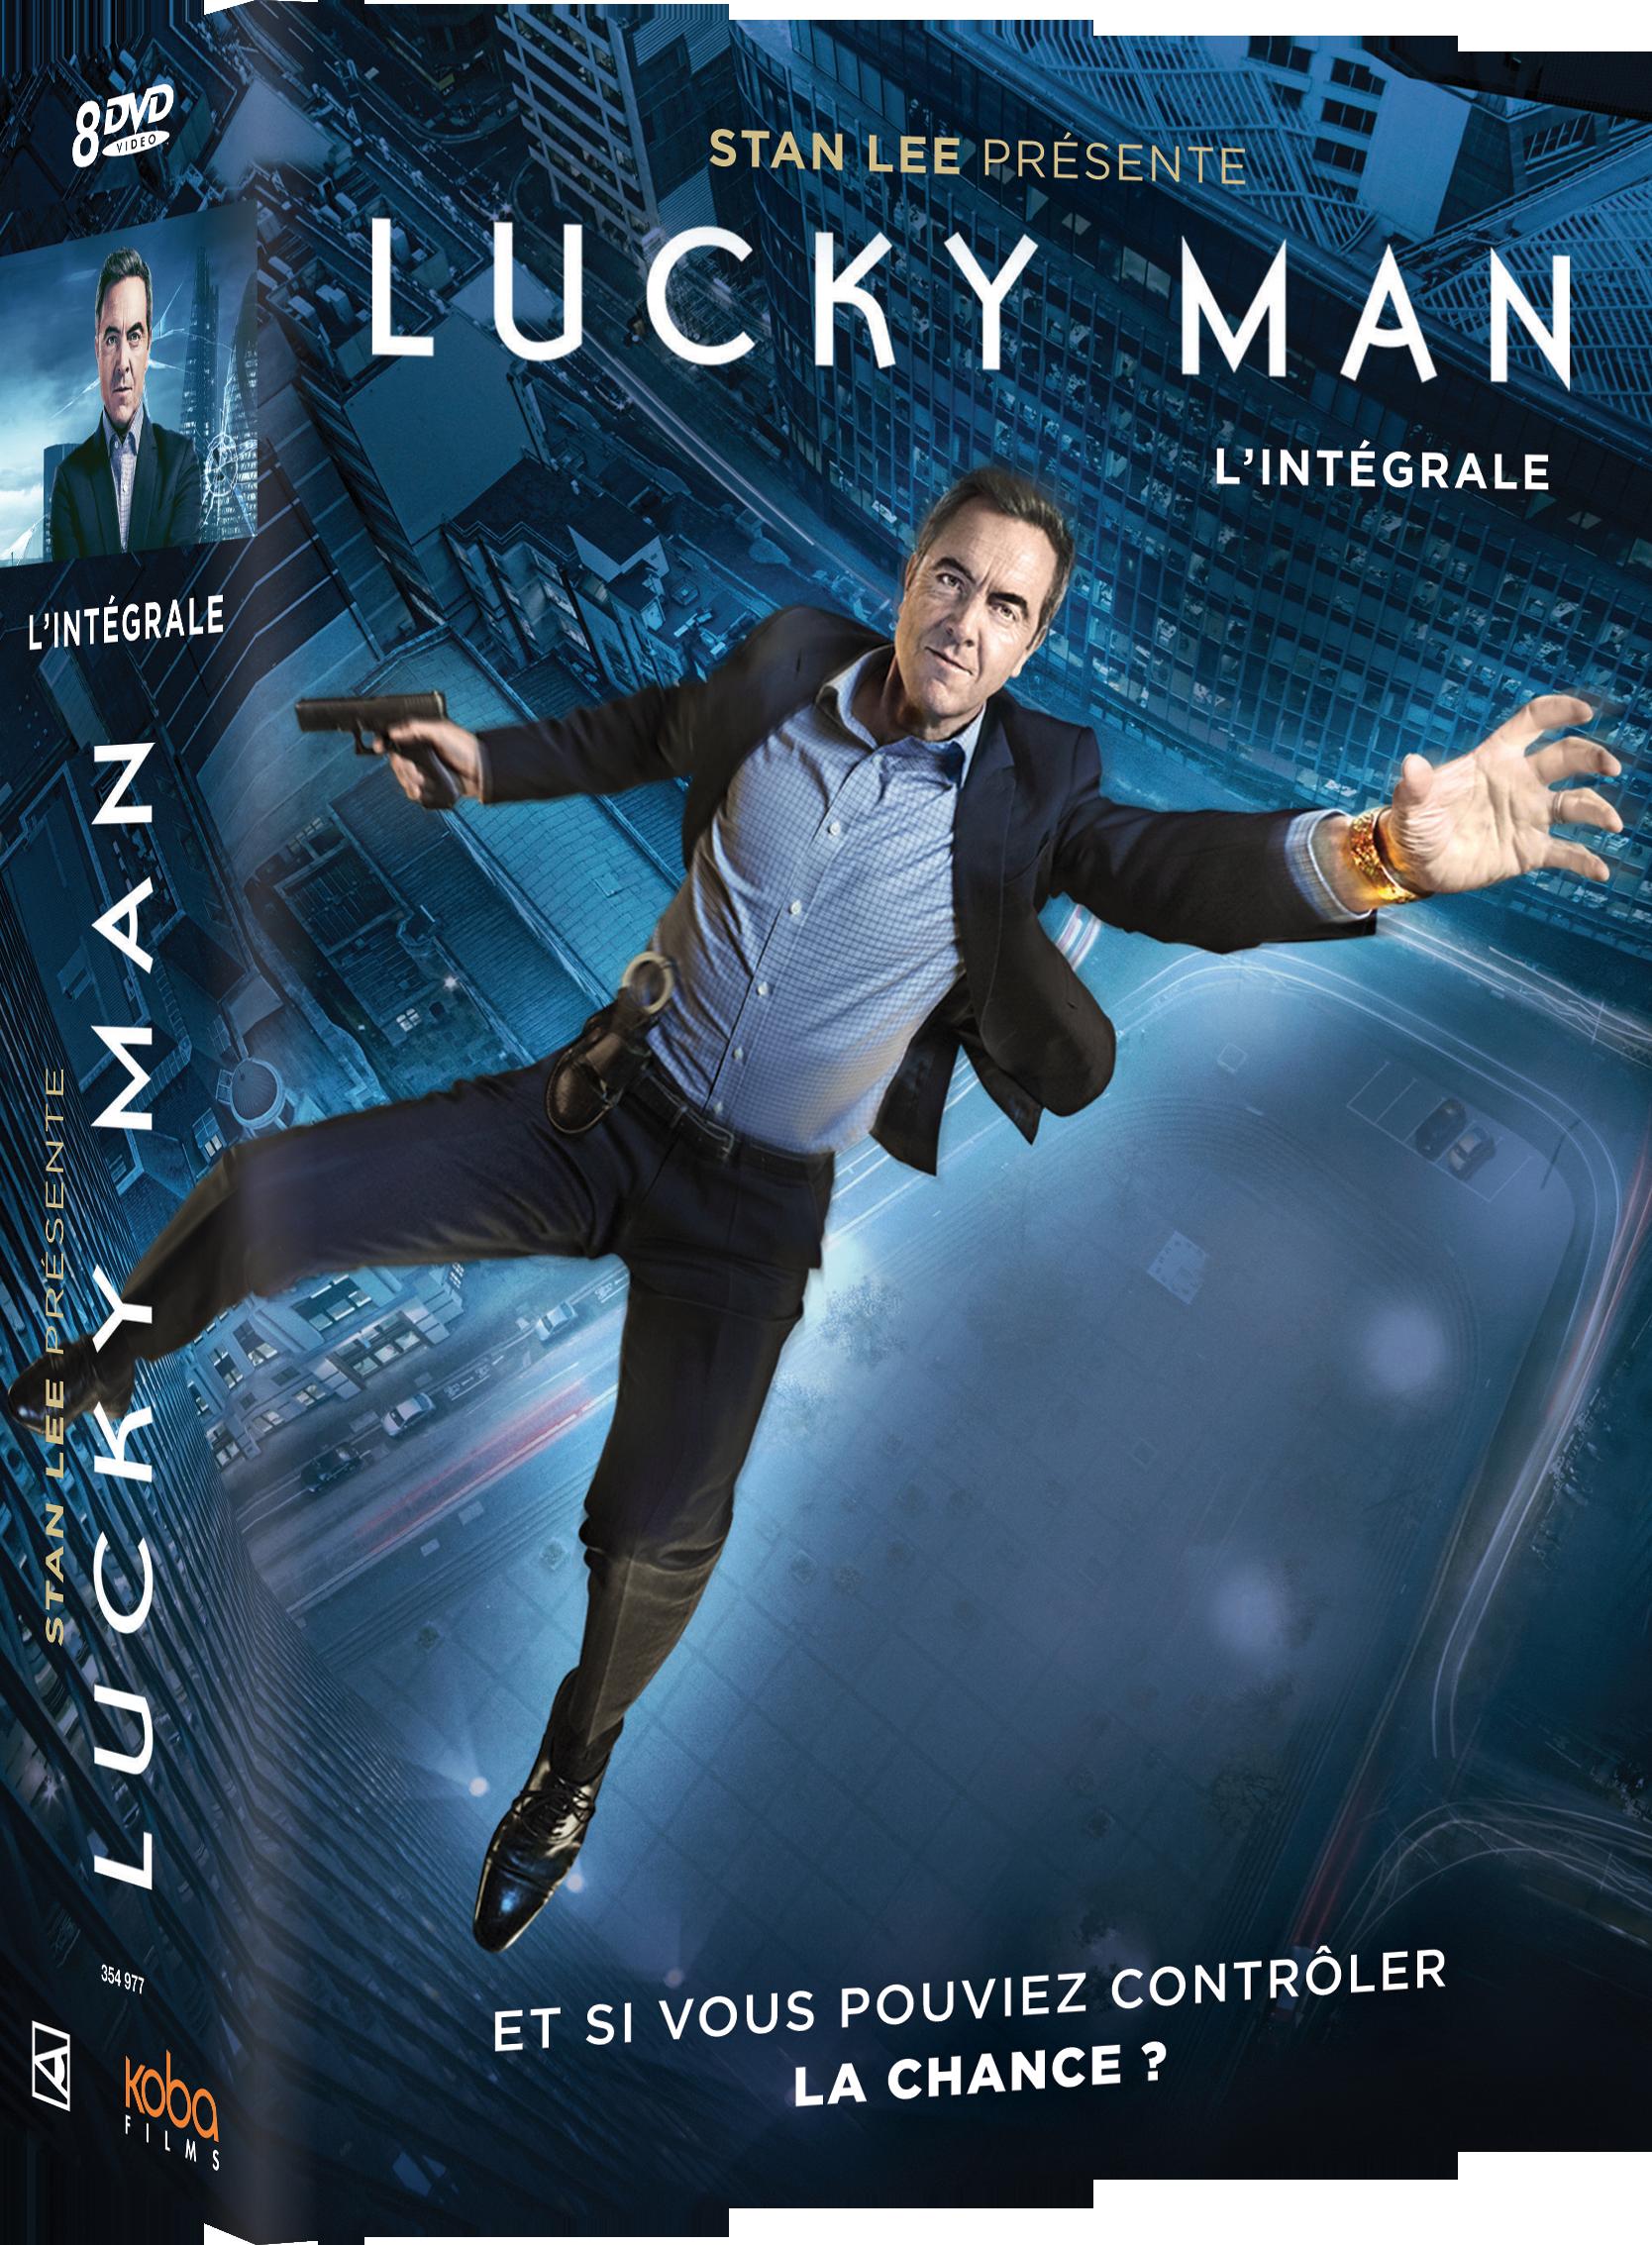 LUCKY MAN - INTEGRALE SAISONS 1 à 3 (8 DVD)